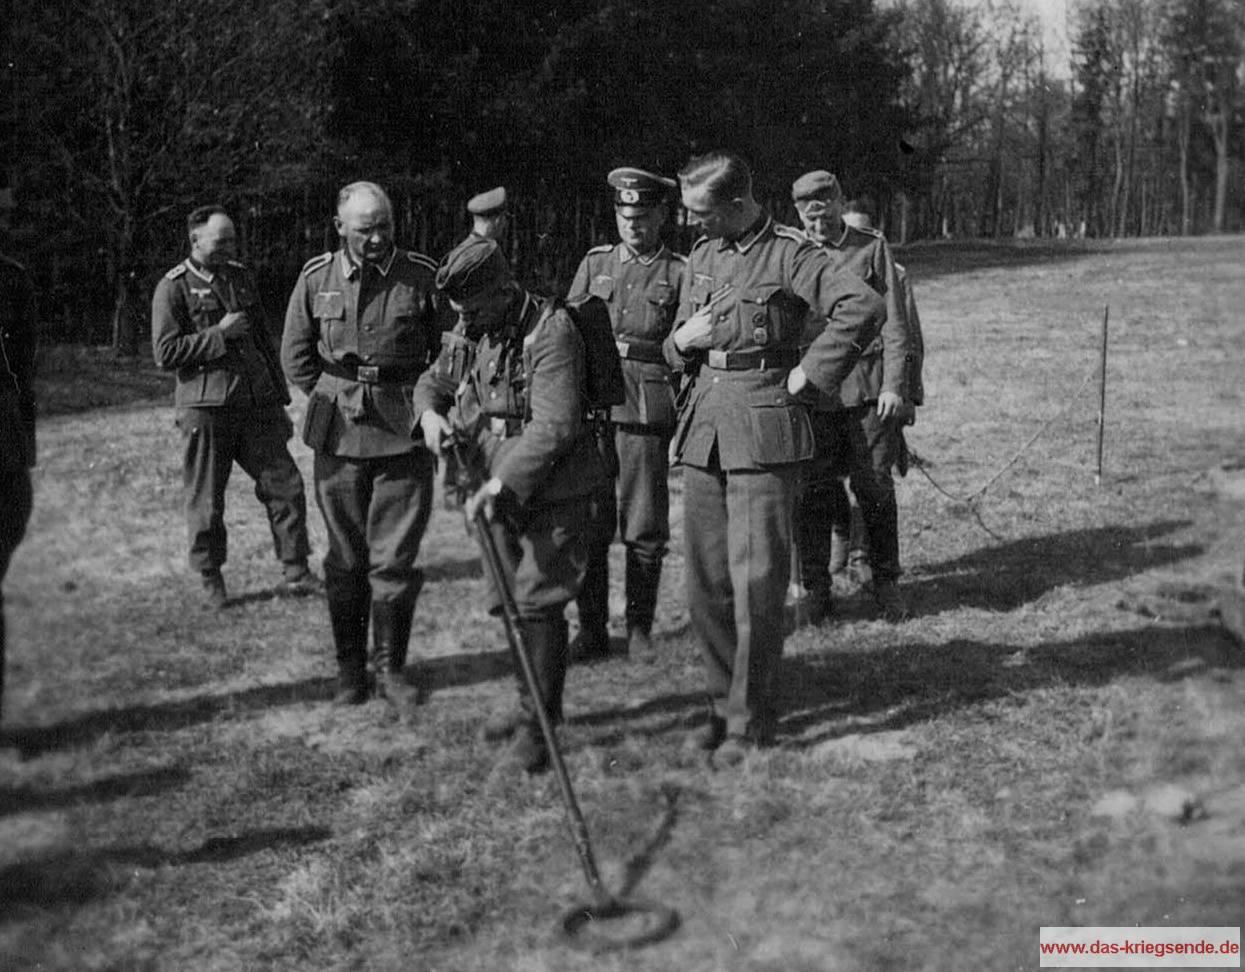 """Minenräumkommando der Wehrmacht während der Ausbildung am Minensuchgerät """"MSGer 40 Aachen"""". Nach dem Zweiten Weltkrieg werden viele dieser Soldaten in den neu gebildeten Sprengkommandos ihren Anteil am Neubeginn und Wiederaufbau Deutschlands haben, in dem sie das erlernte zum Dienste des Gemeinwohls einsetzen. Unzählige dieser Männer werden dabei umkommen."""